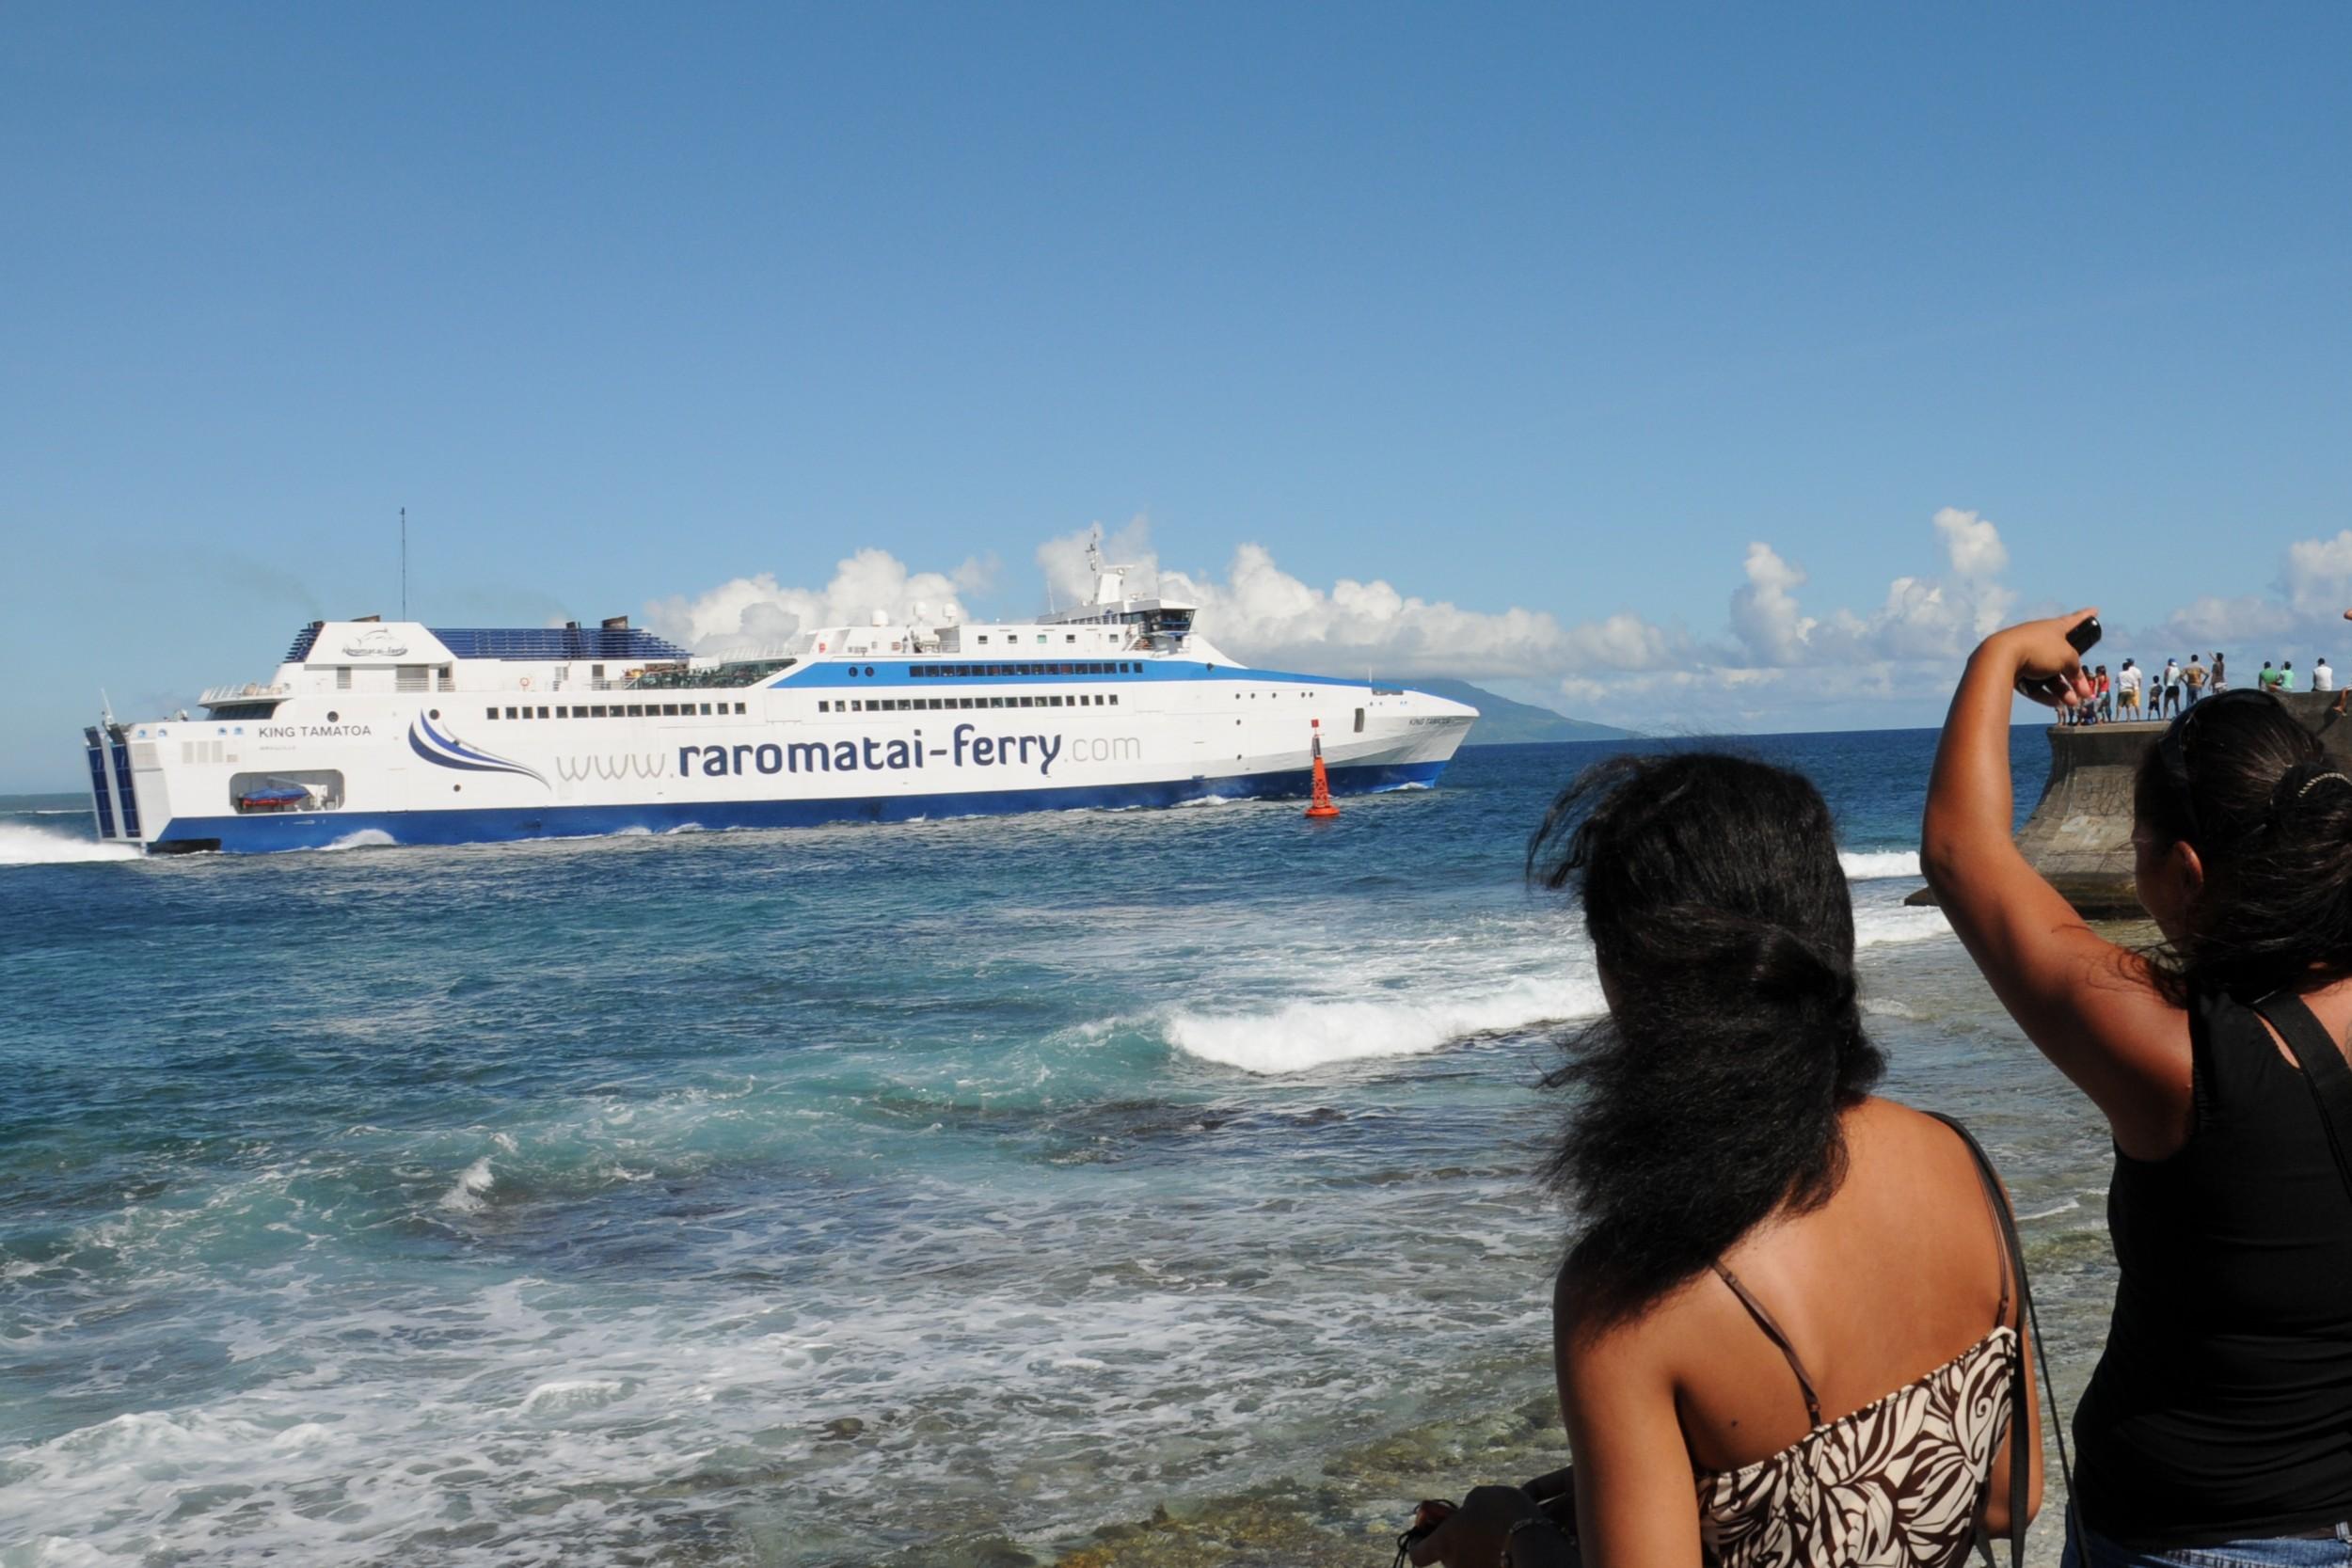 En 2010, Bill ravel lançait le ferry King Tamatoa sur la desserte maritime des Îles-sous-le-Vent. Une aventure de courte durée ©Louis Laplane